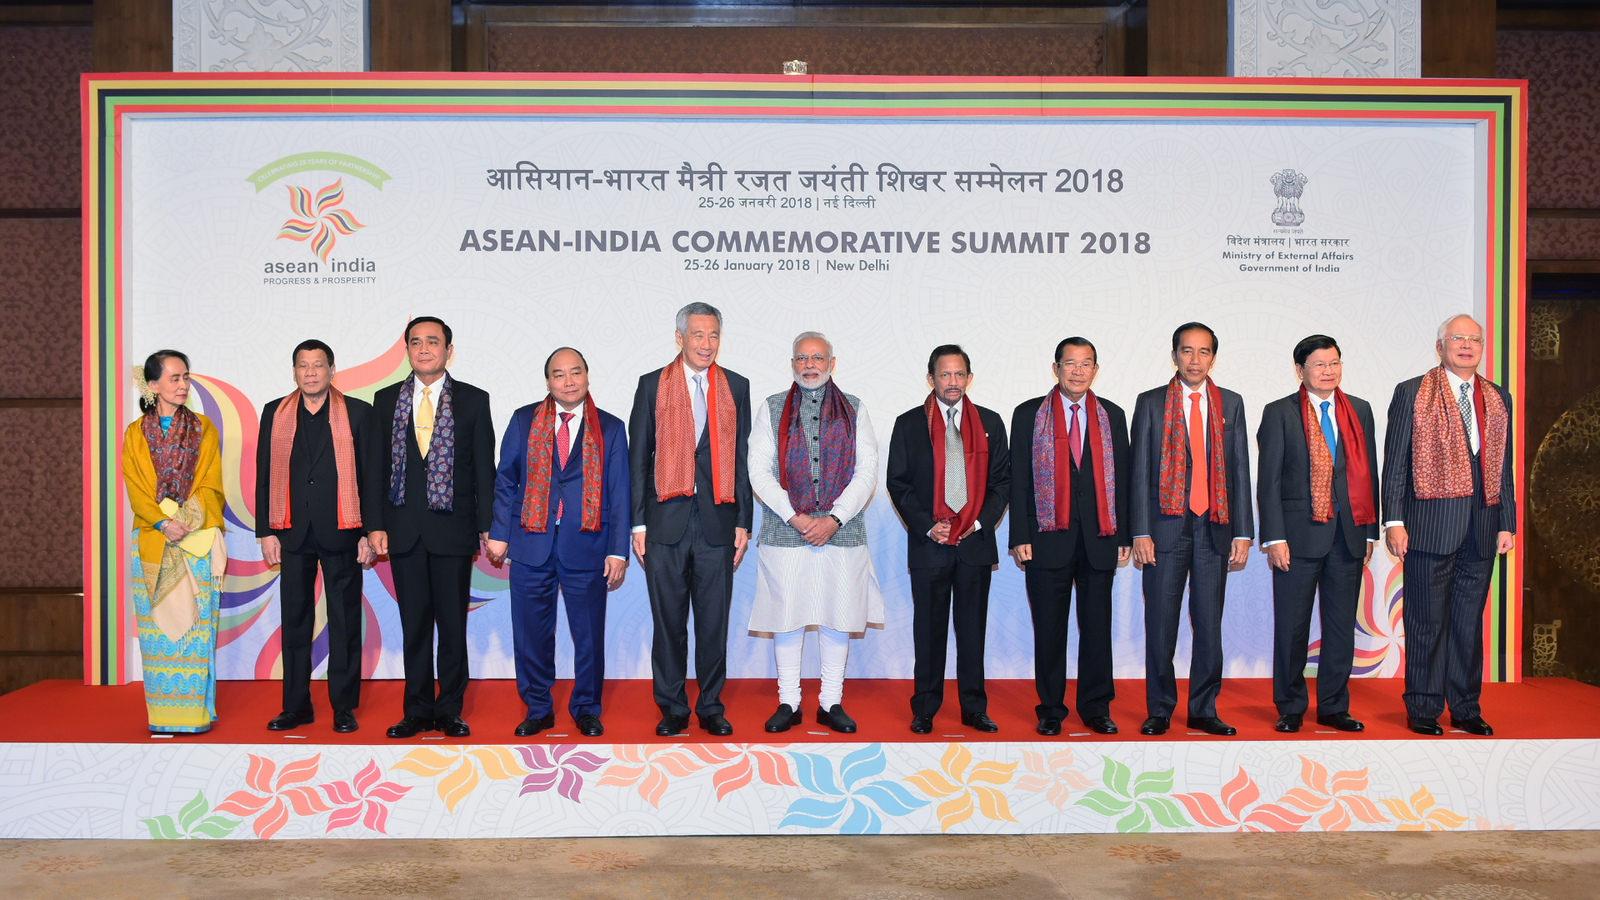 အာဆီယံ  -အိန္ဒိယ ၂၅ နှစ်ခရီးမှသည် ထိုထက်ကျော်လွန်၍